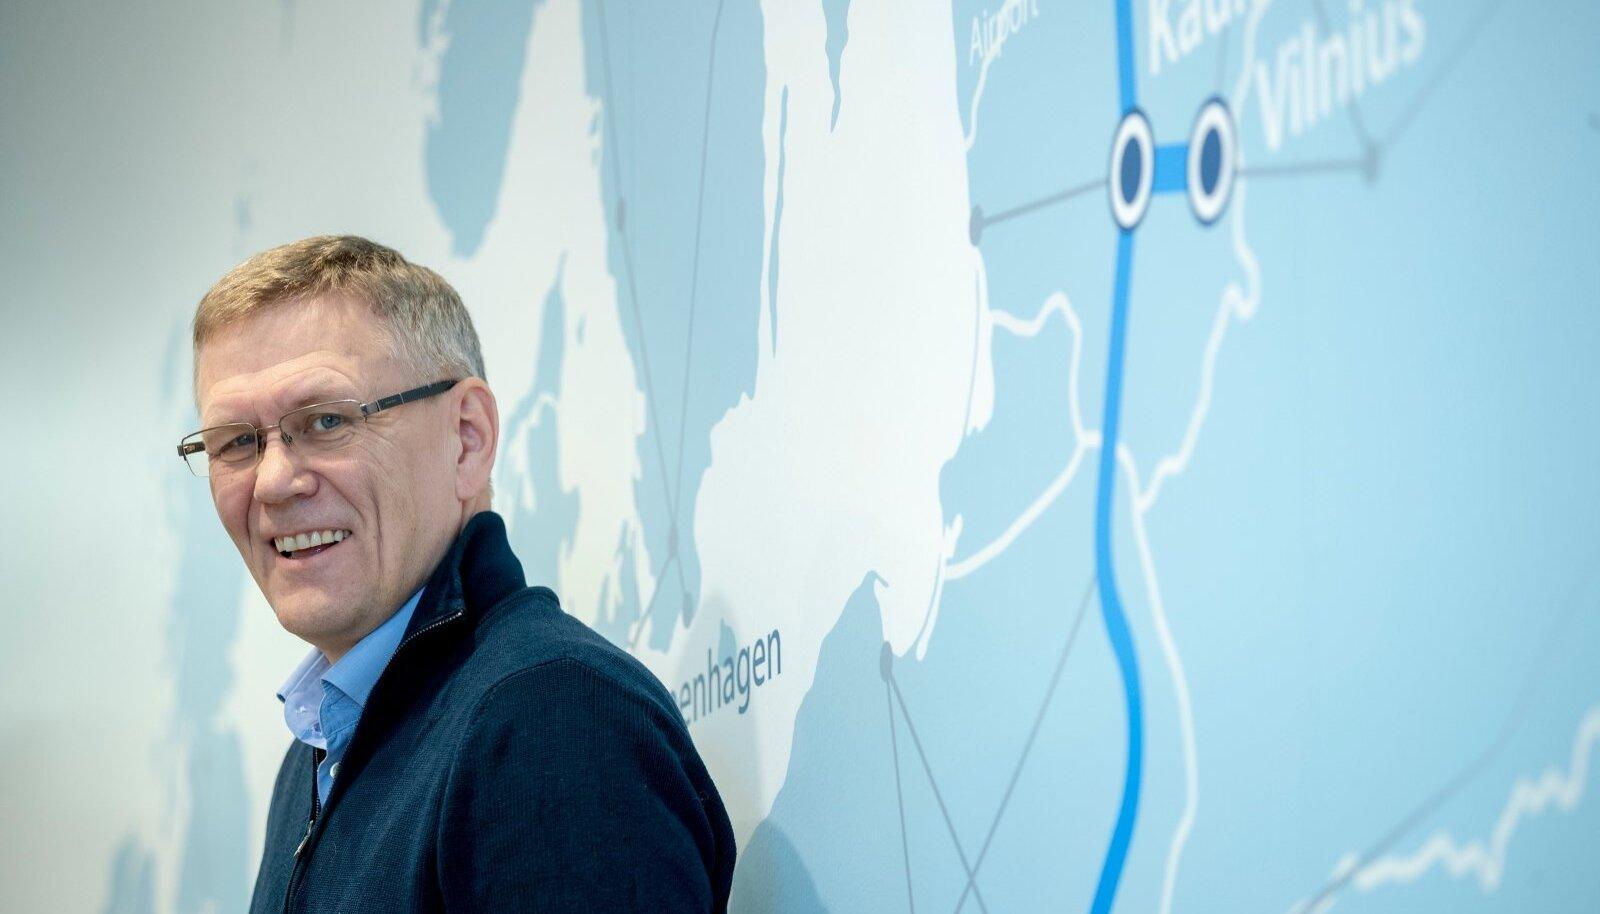 Rail Balticu ühisettevõttes Eesti filiaali juhtiva Aivar Jaeski sõnul on Eesti valitsus alati projekti toetanud.